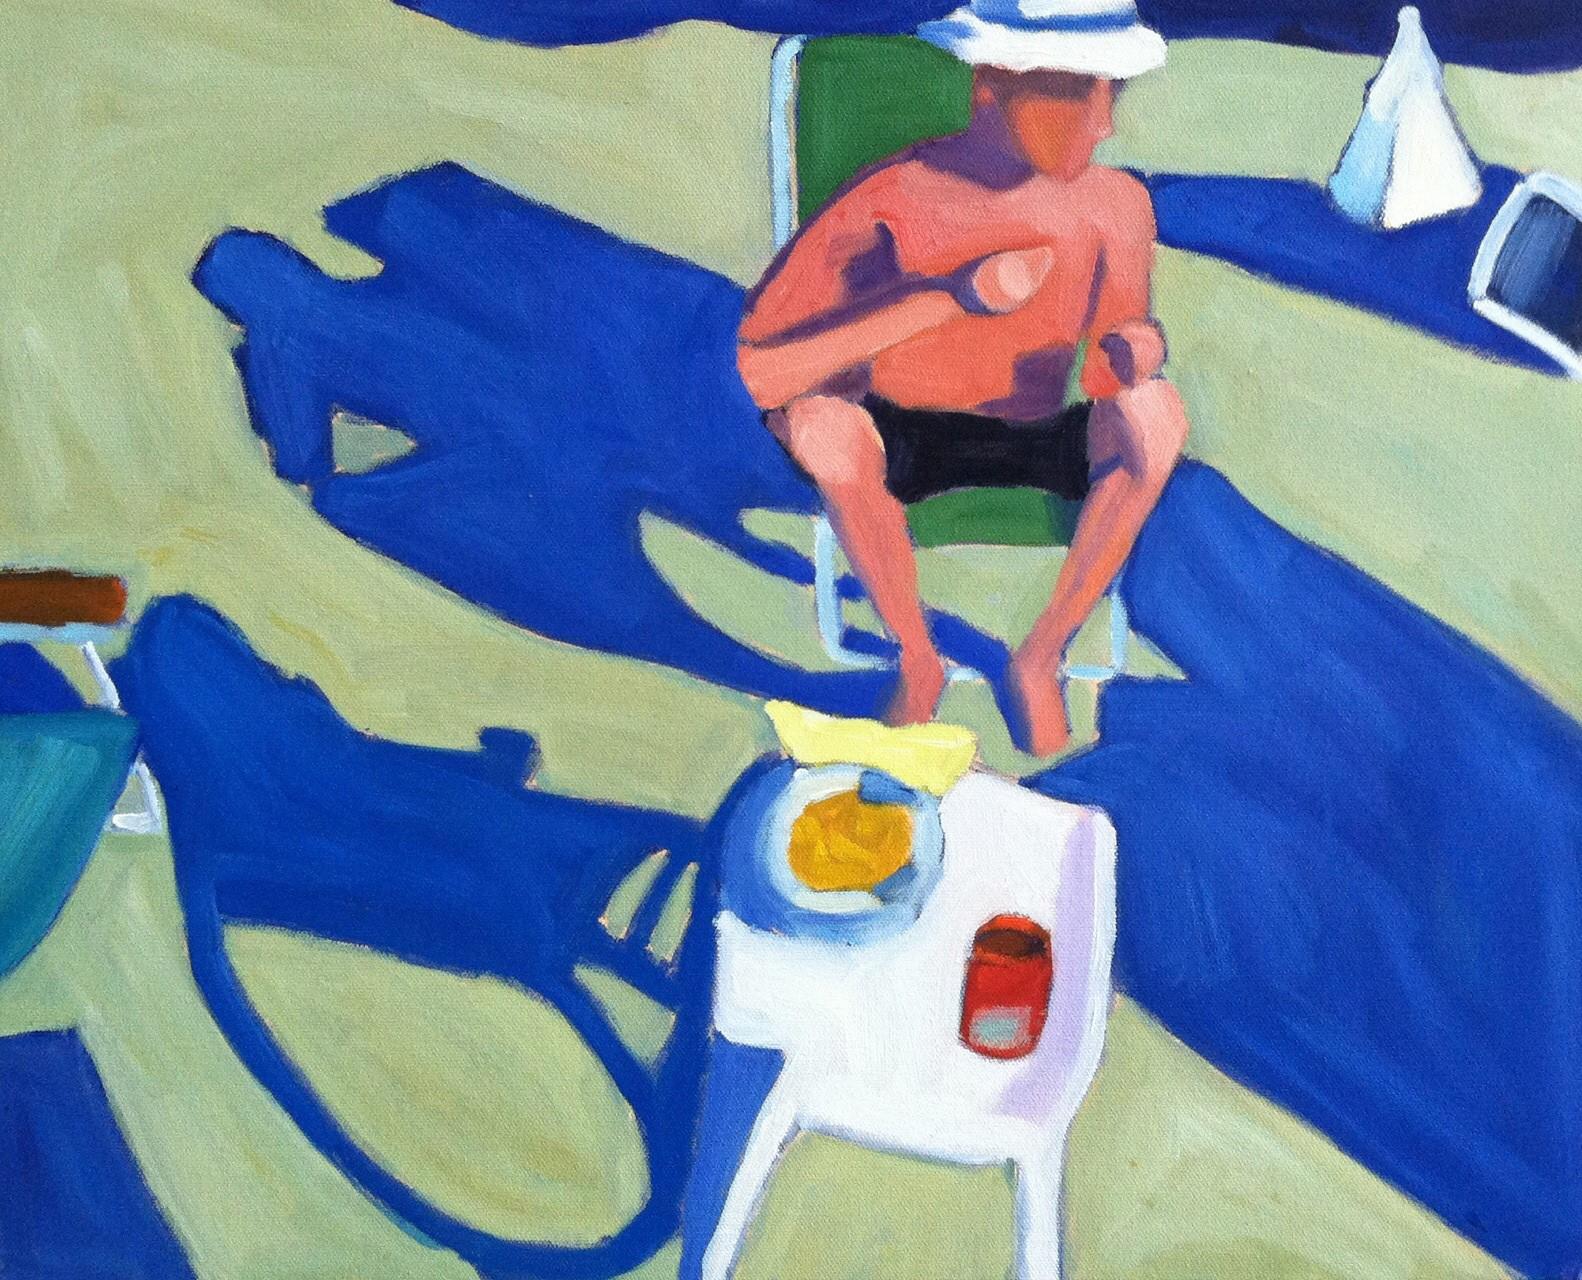 Man in a Beach Chair